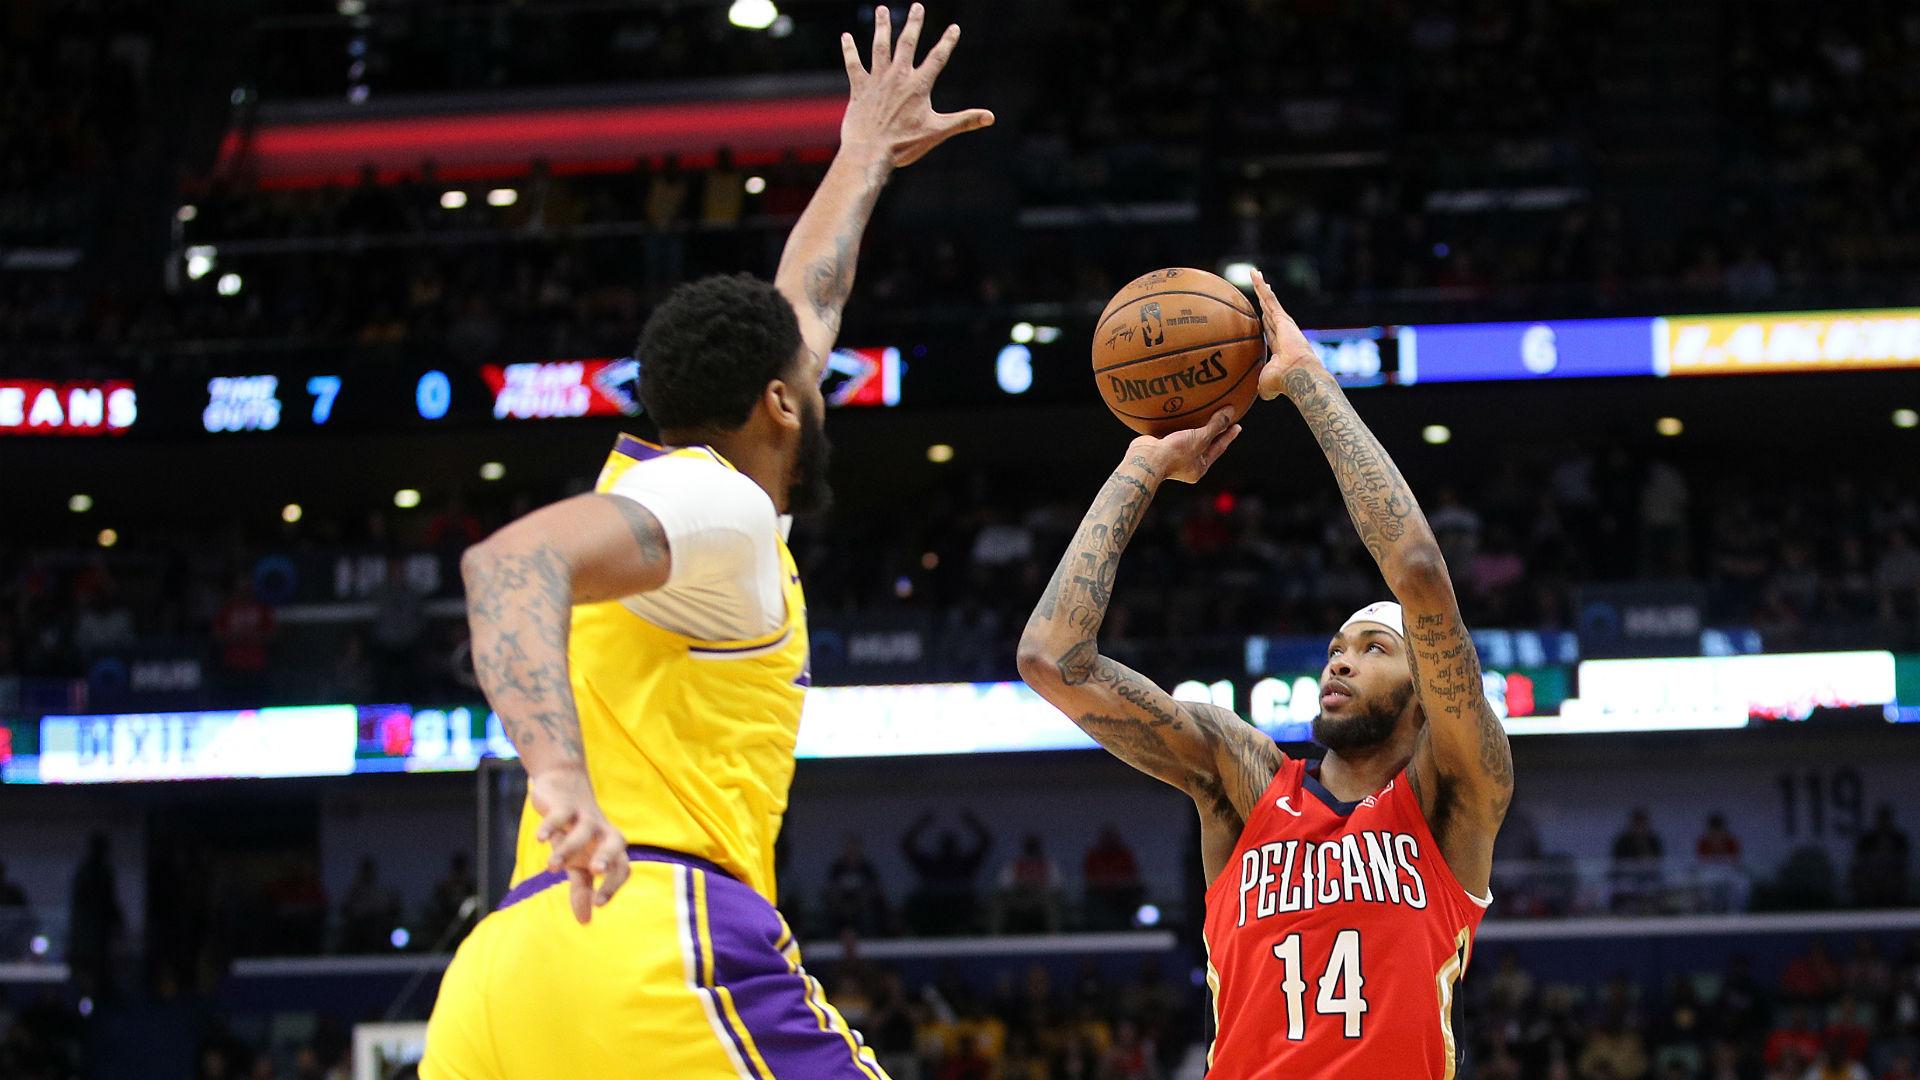 Lakers mantiene su racha ganadora